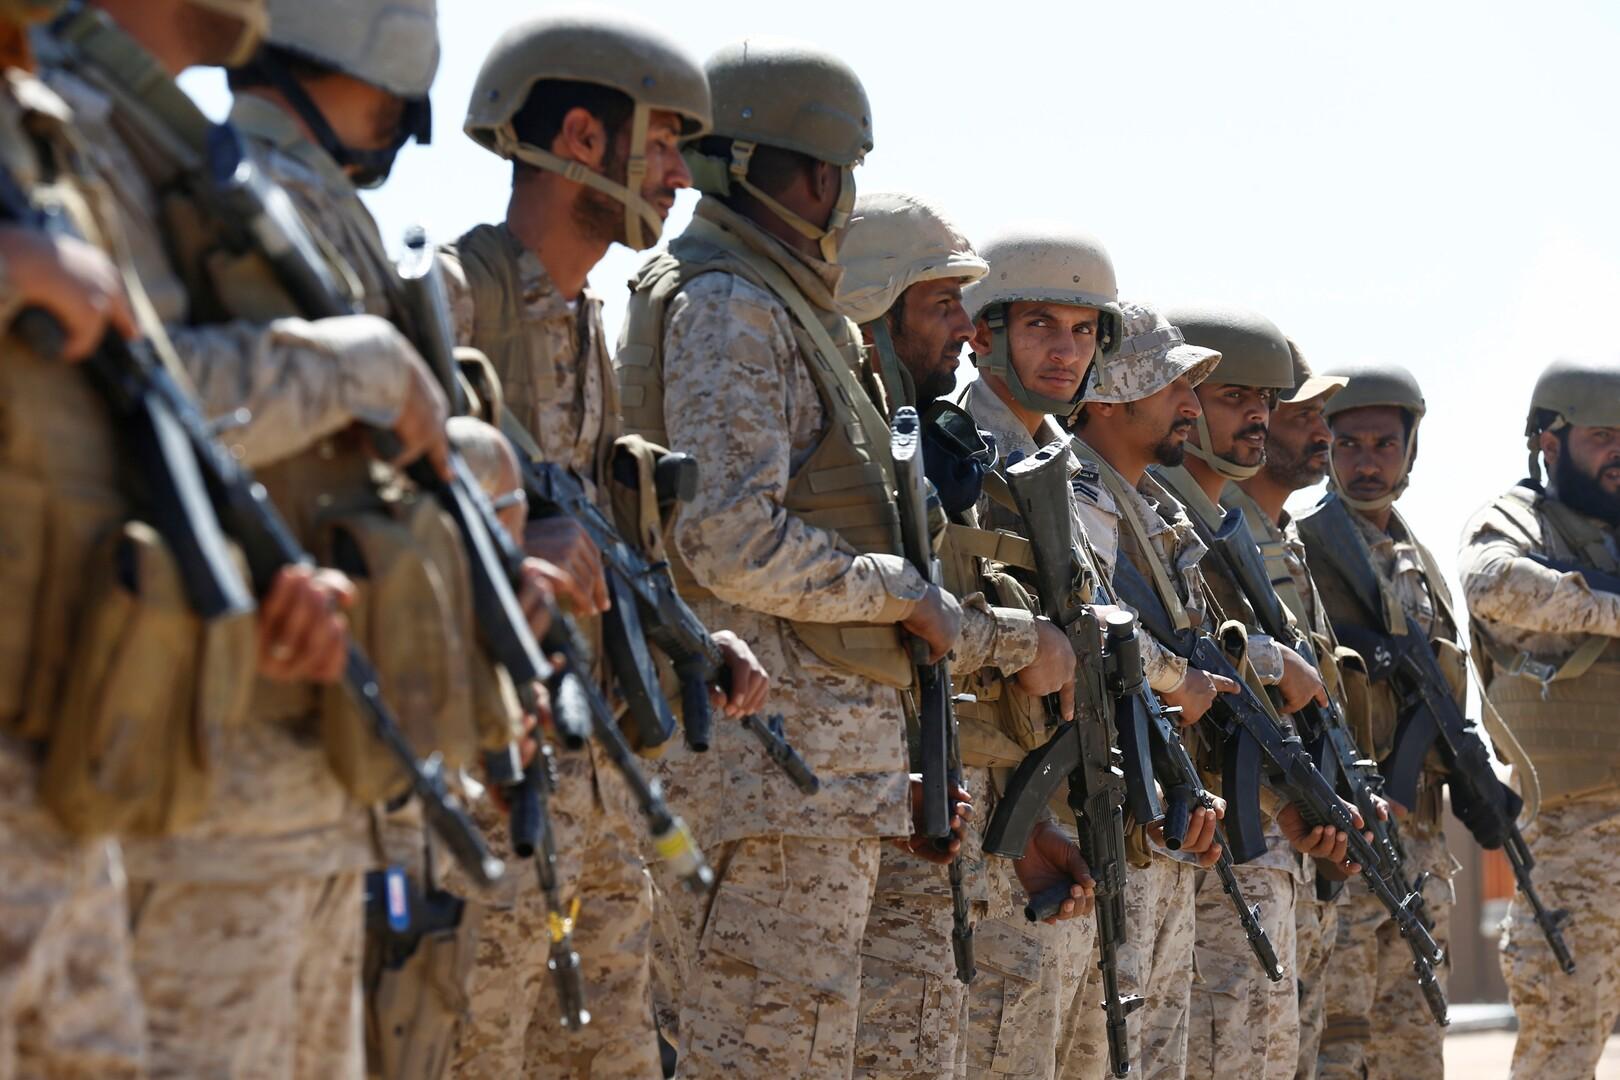 السعودية توقع عقدا دفاعيا ضخما